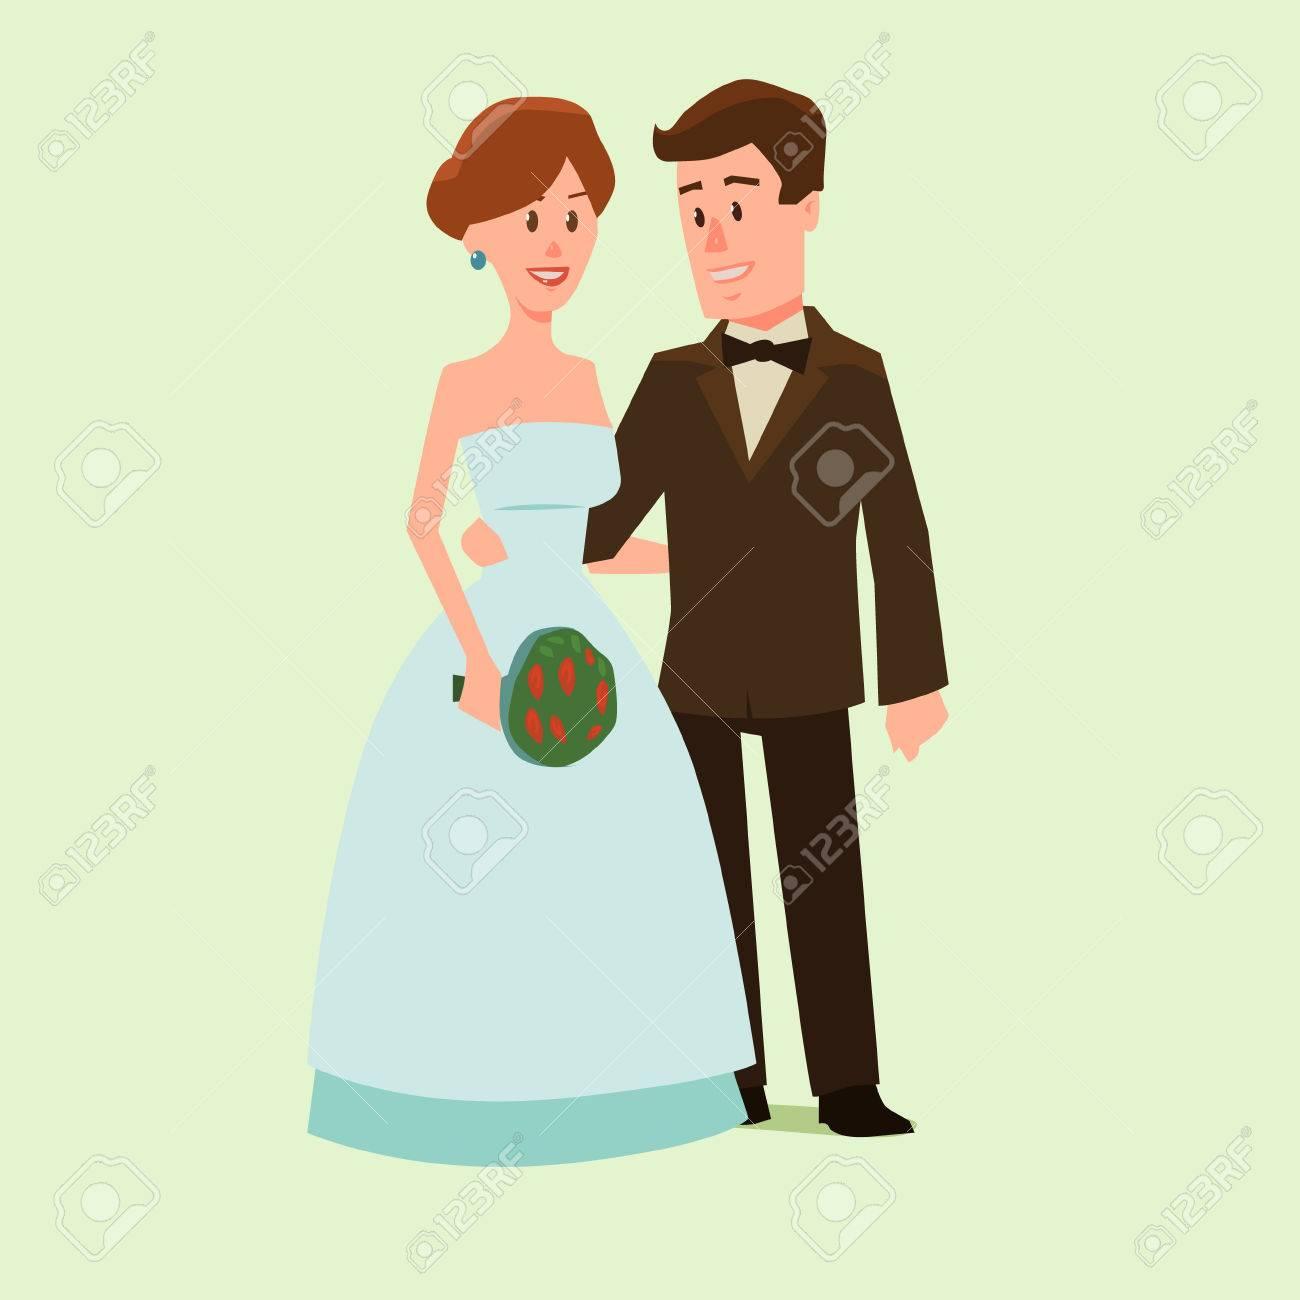 Lovely Lustige Hochzeitsbilder Ideas Of Lustigen Cartoon Hochzeitspaar, Vektor-tration Für Design Hochzeit